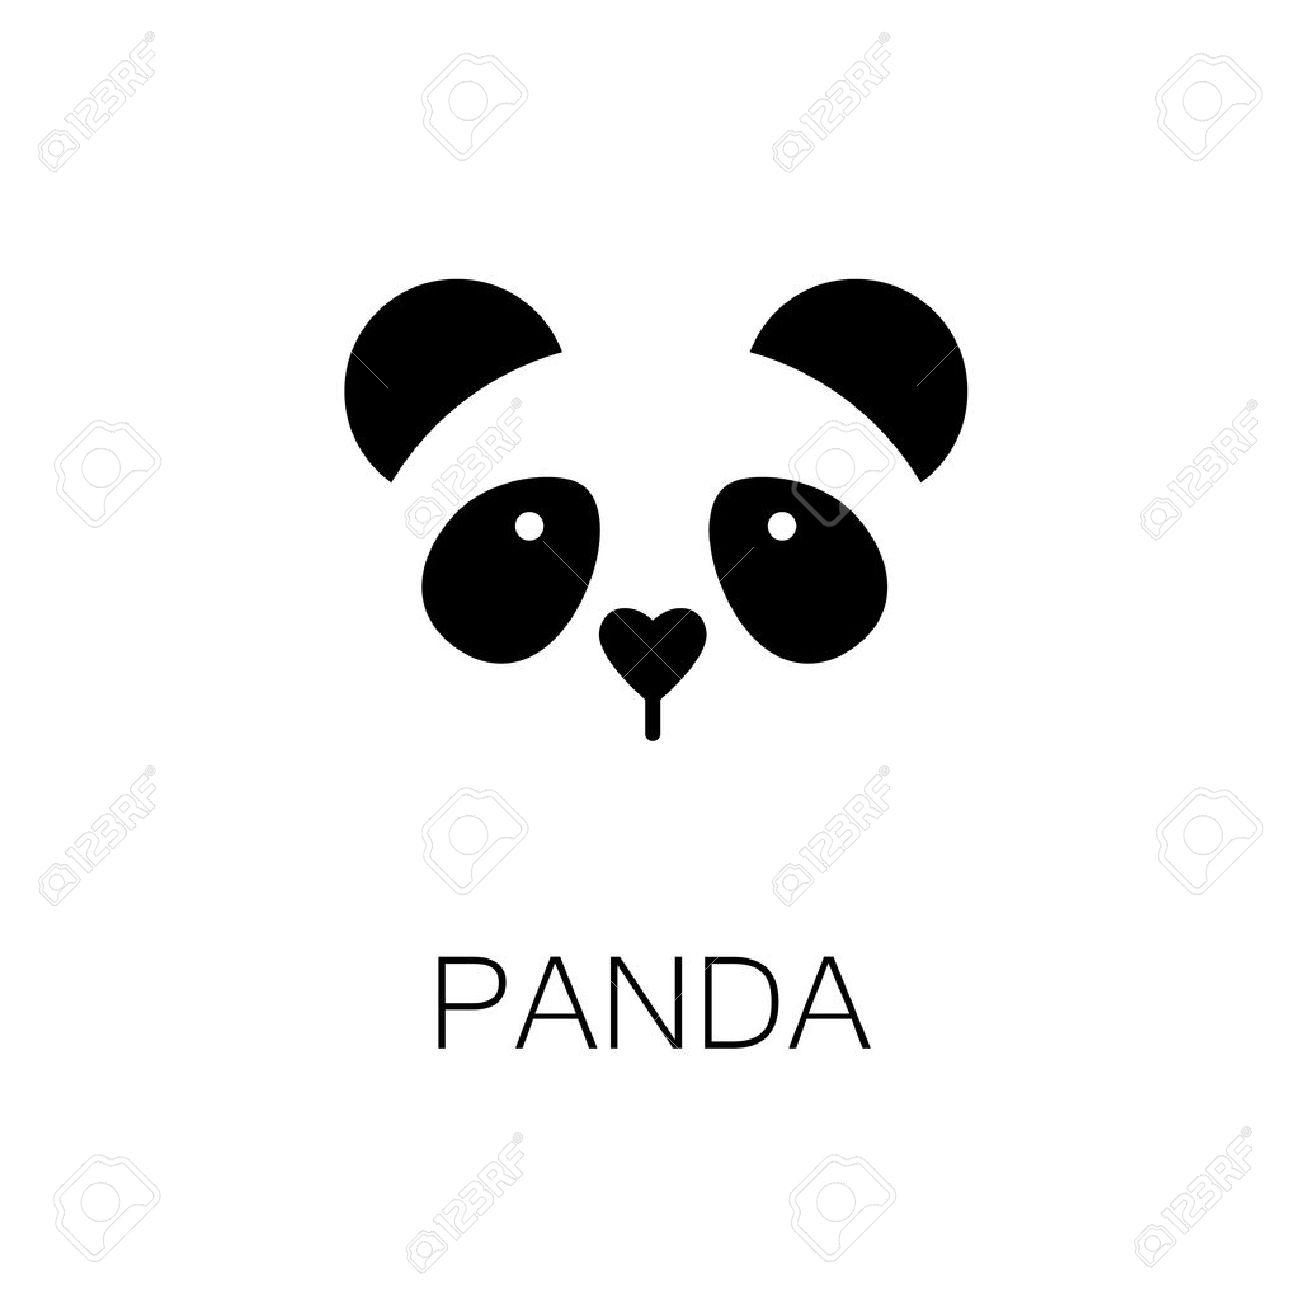 simple sign a panda - design template - 40397830